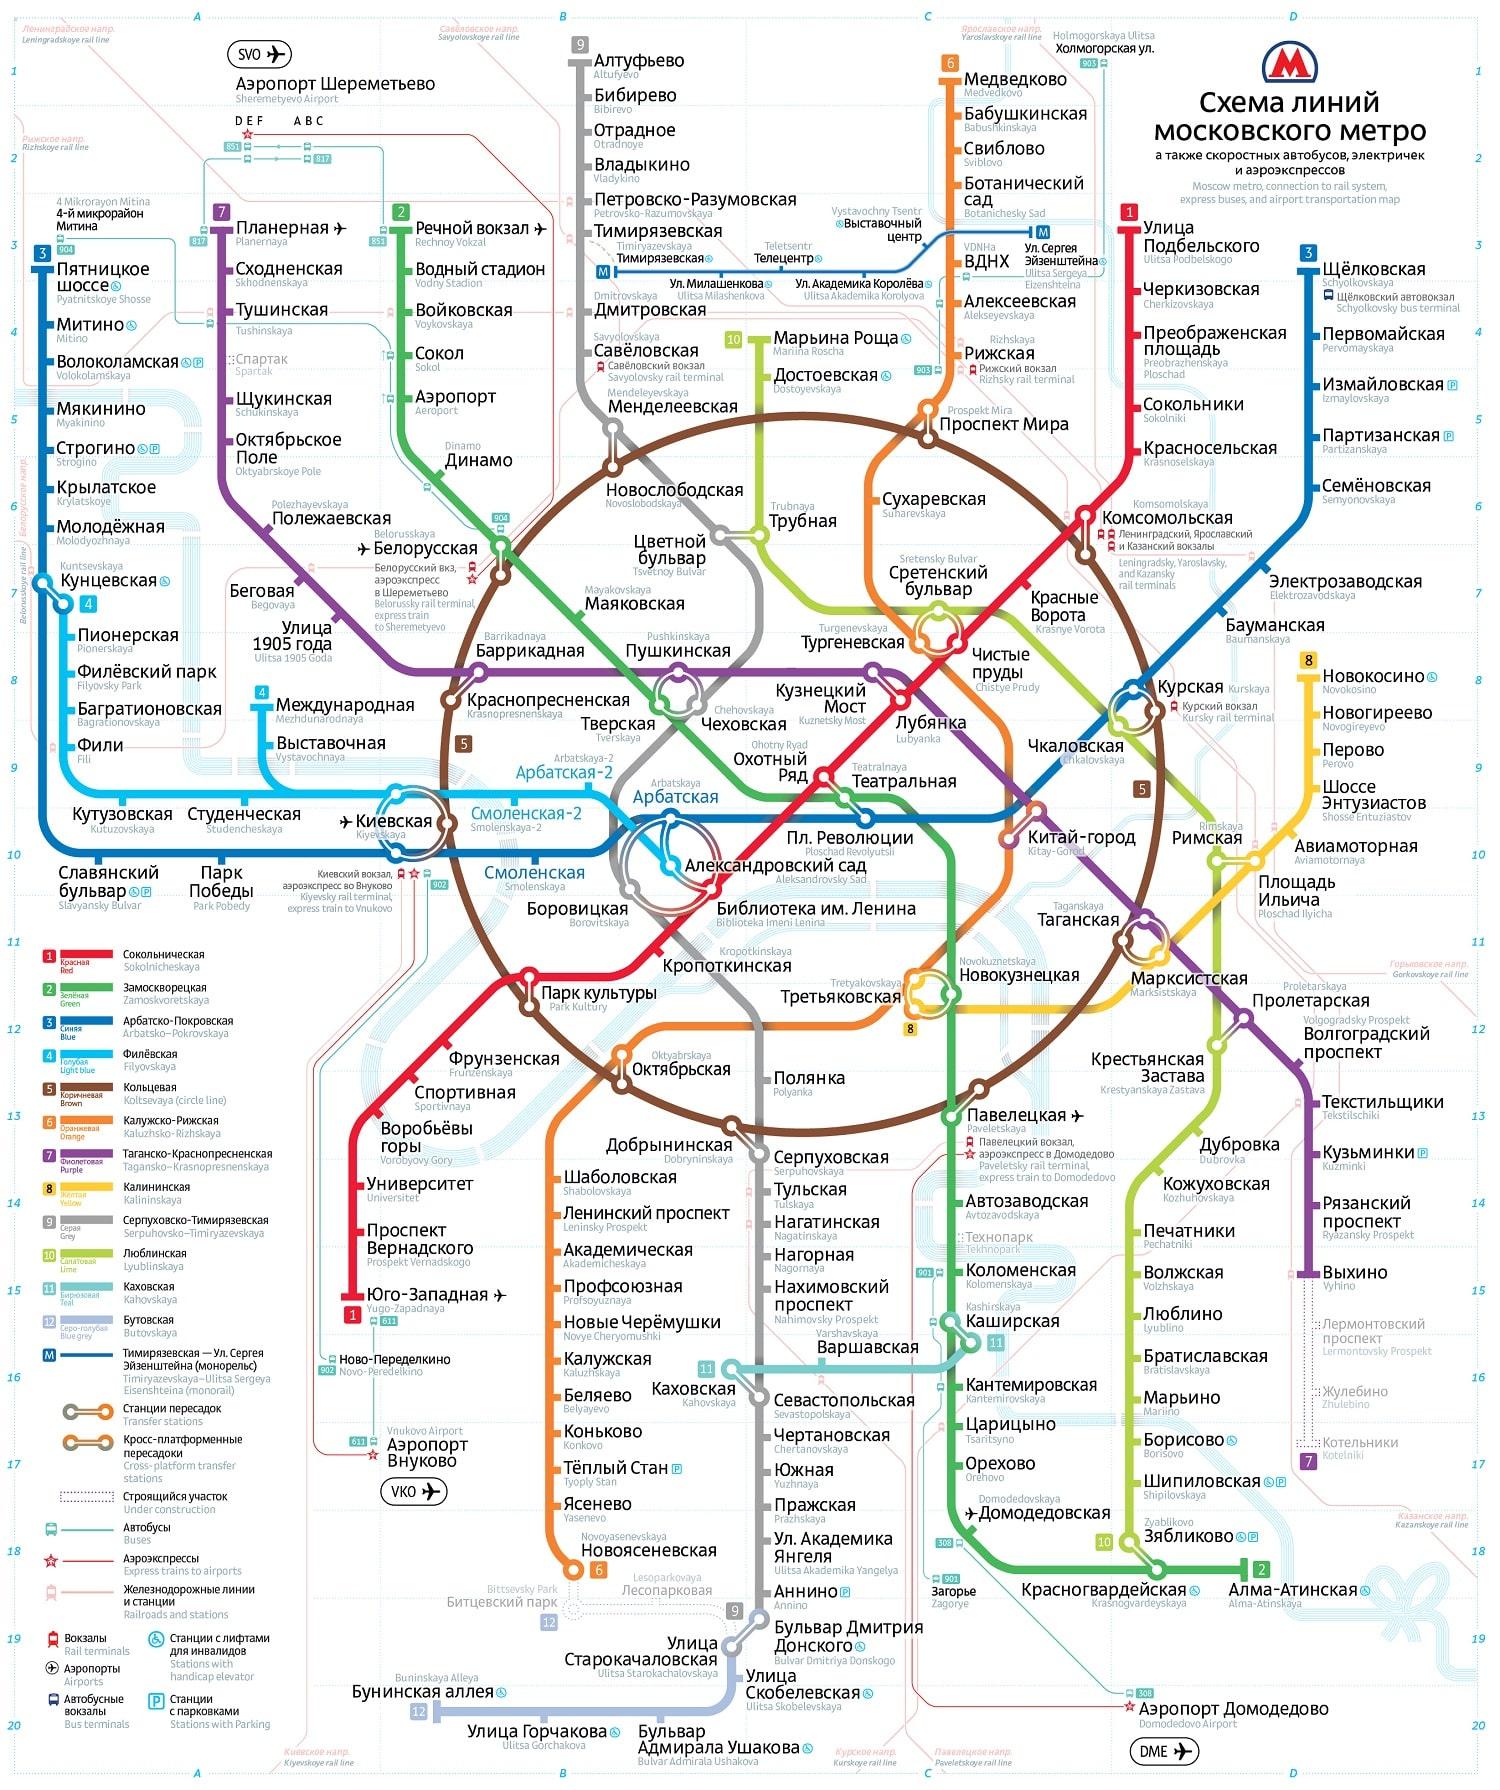 Схема метро на ближайшие годы